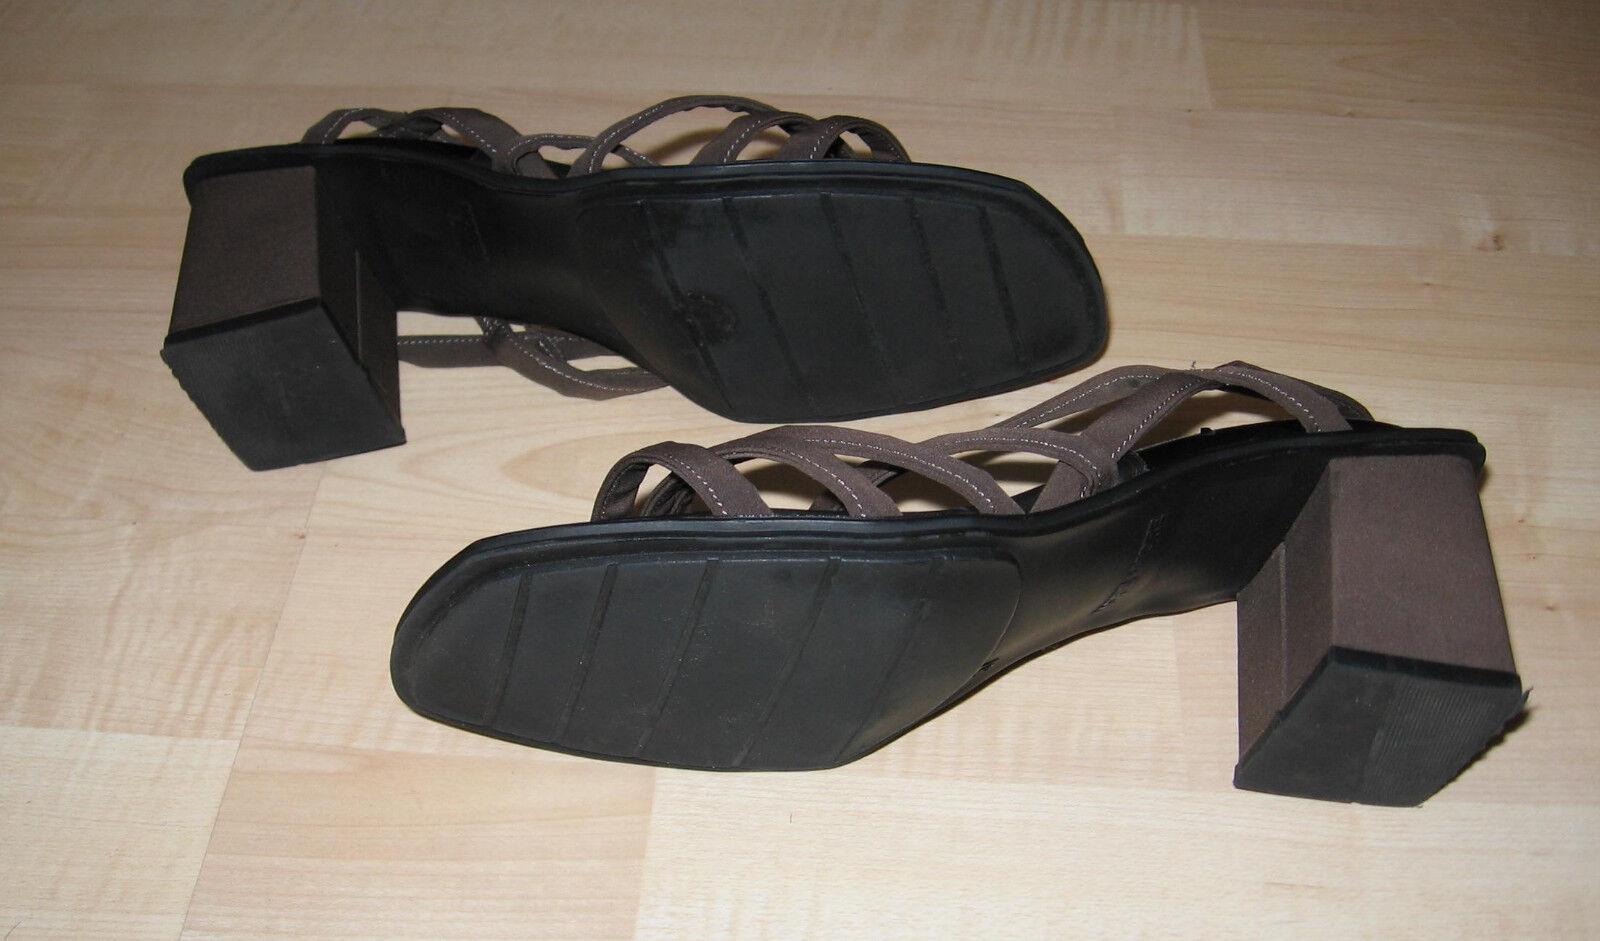 Damen Sandalen von More and More, braun, Gr. 37, 37, 37, gebraucht - neuwertig 33f7a4